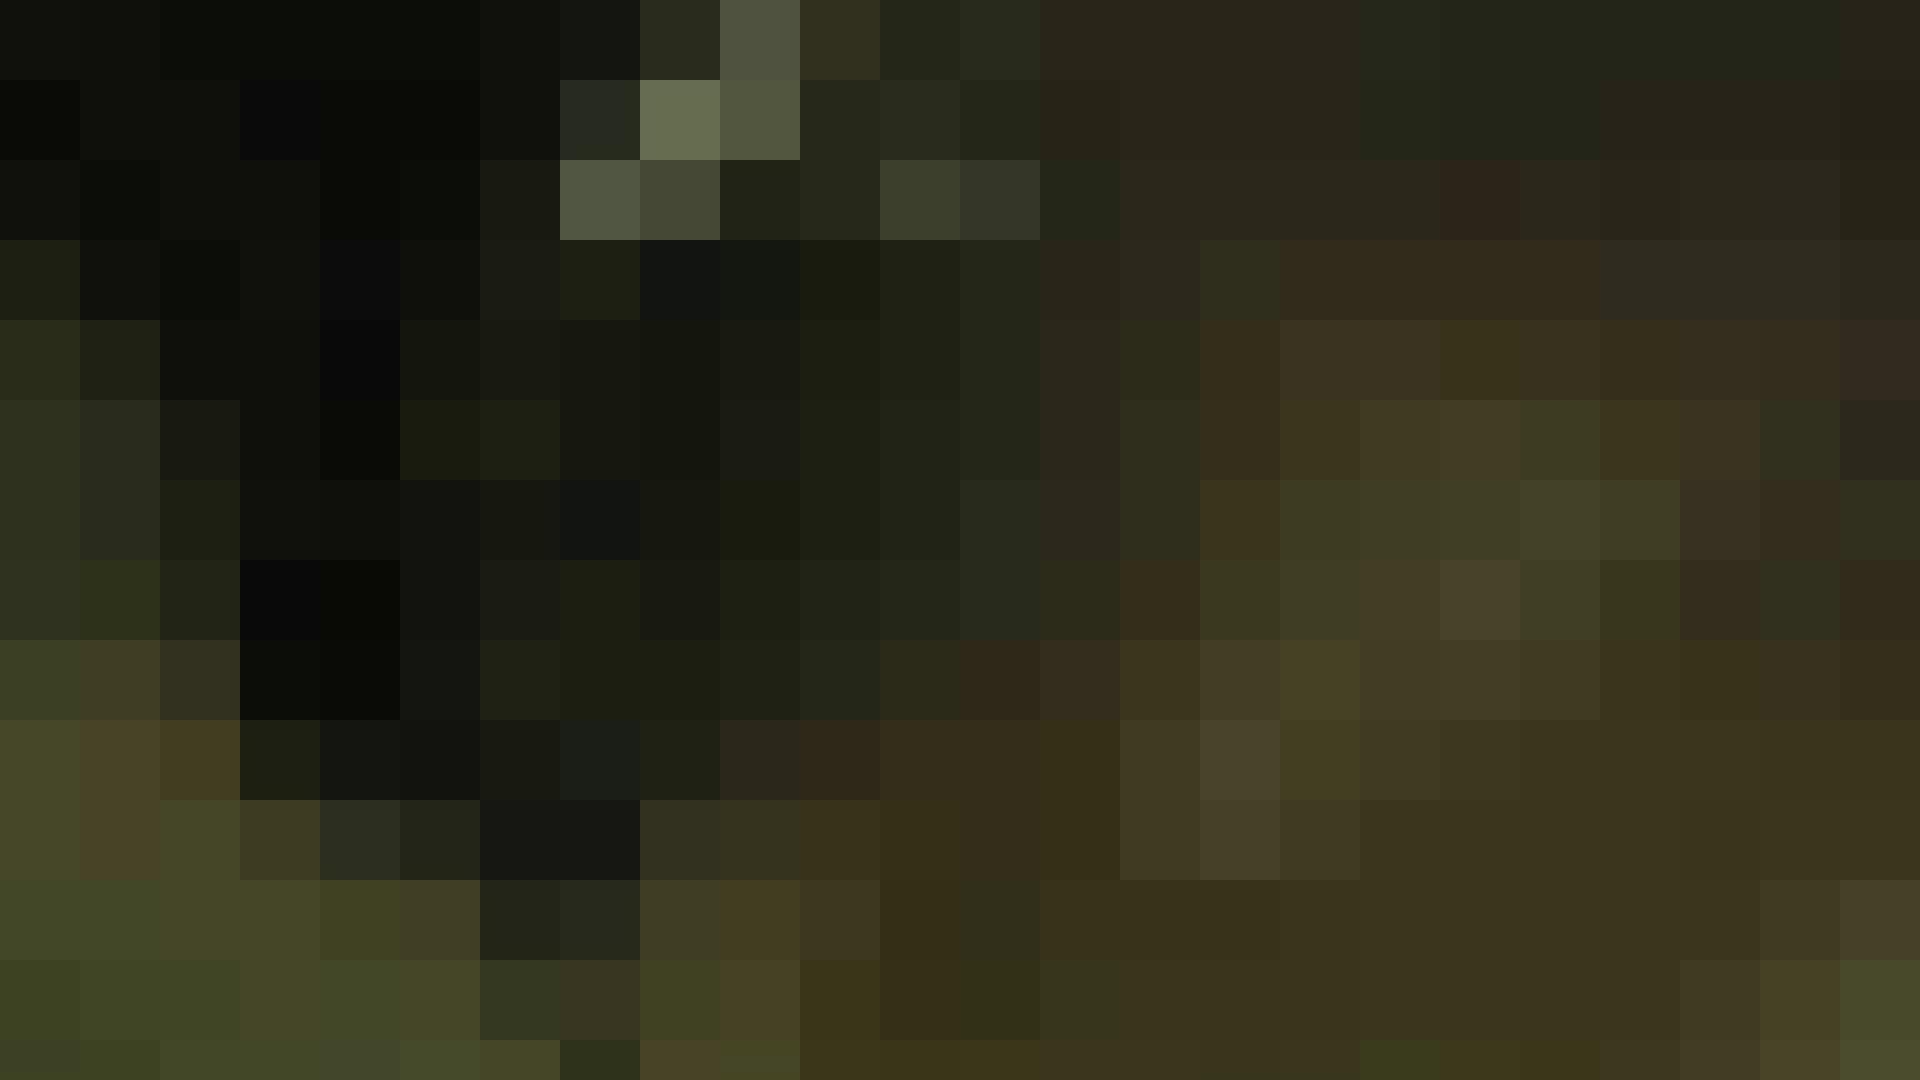 世界の射窓から vol.41 ぼうしタンのアソコ OL女体 | 洗面所  69連発 53